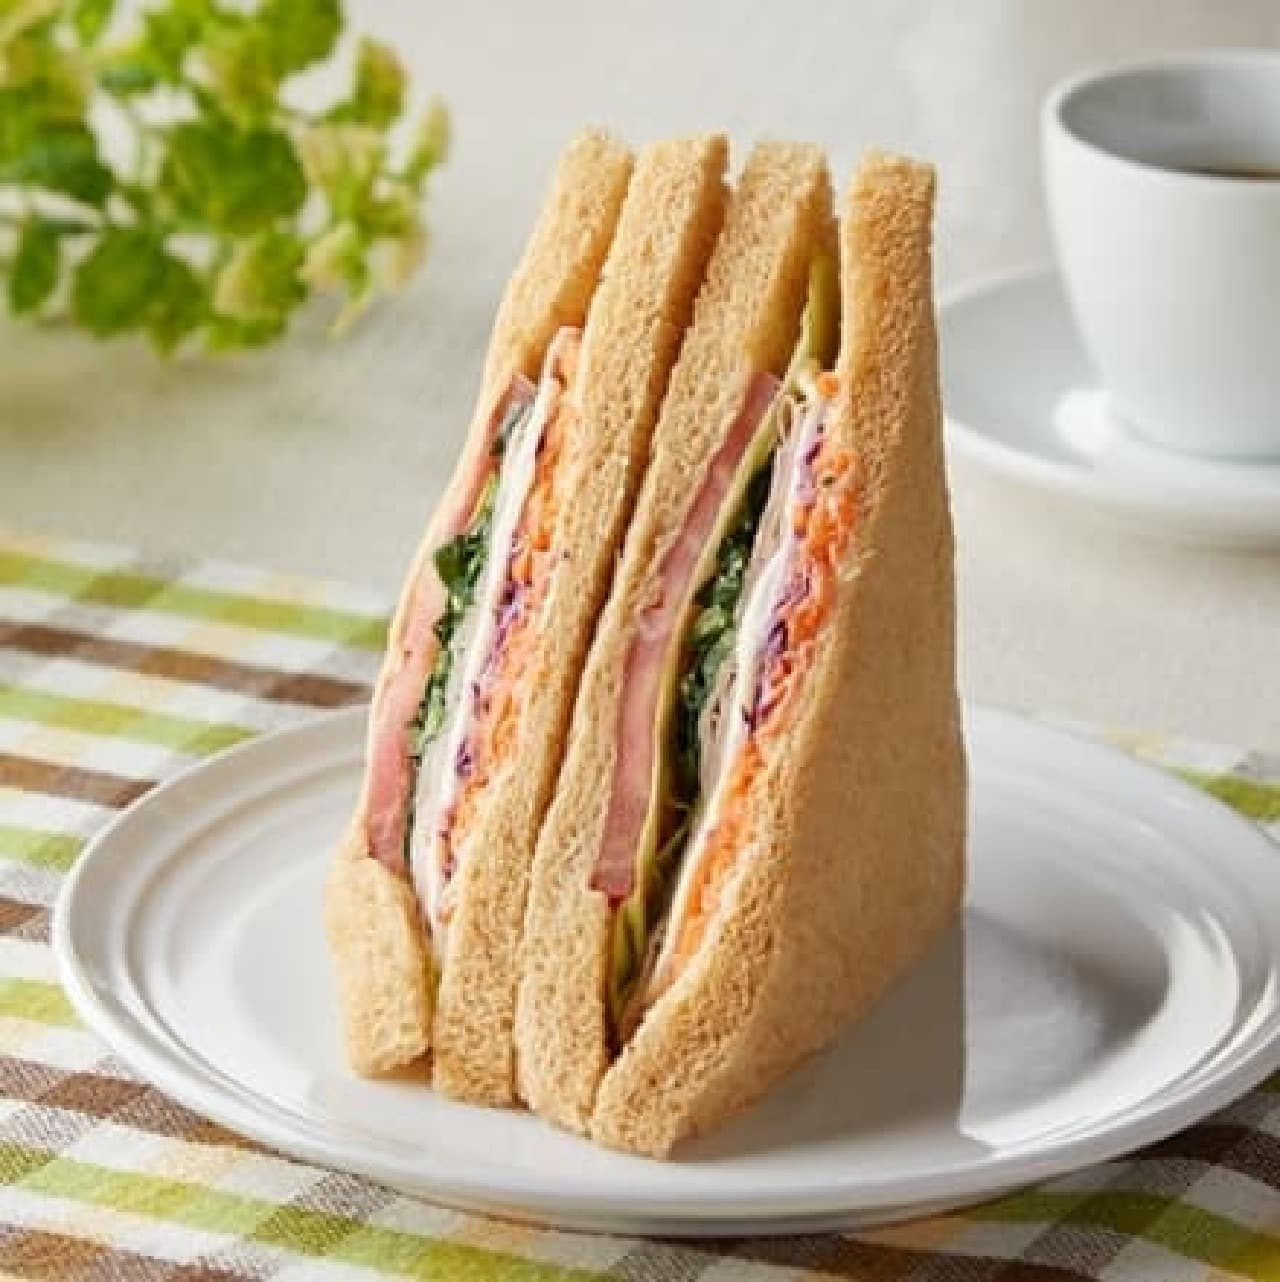 ファミリーマート「全粒粉サンド 野菜ミックスとハム」